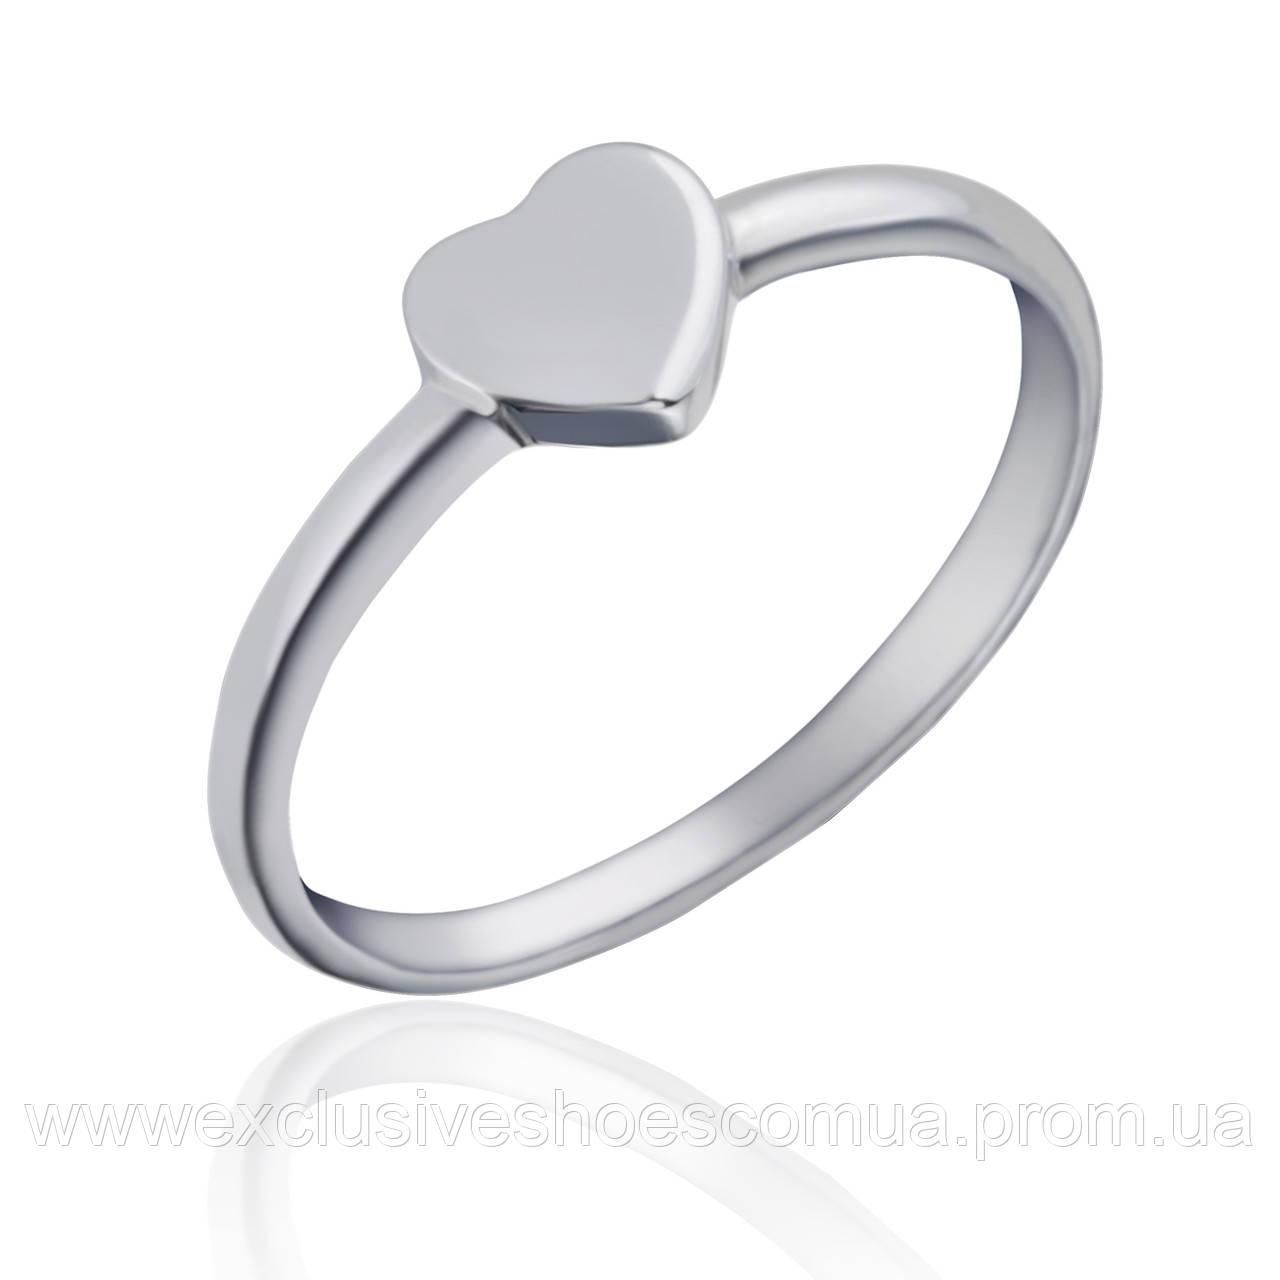 Серебряное кольцо с сердечком,арт-910111